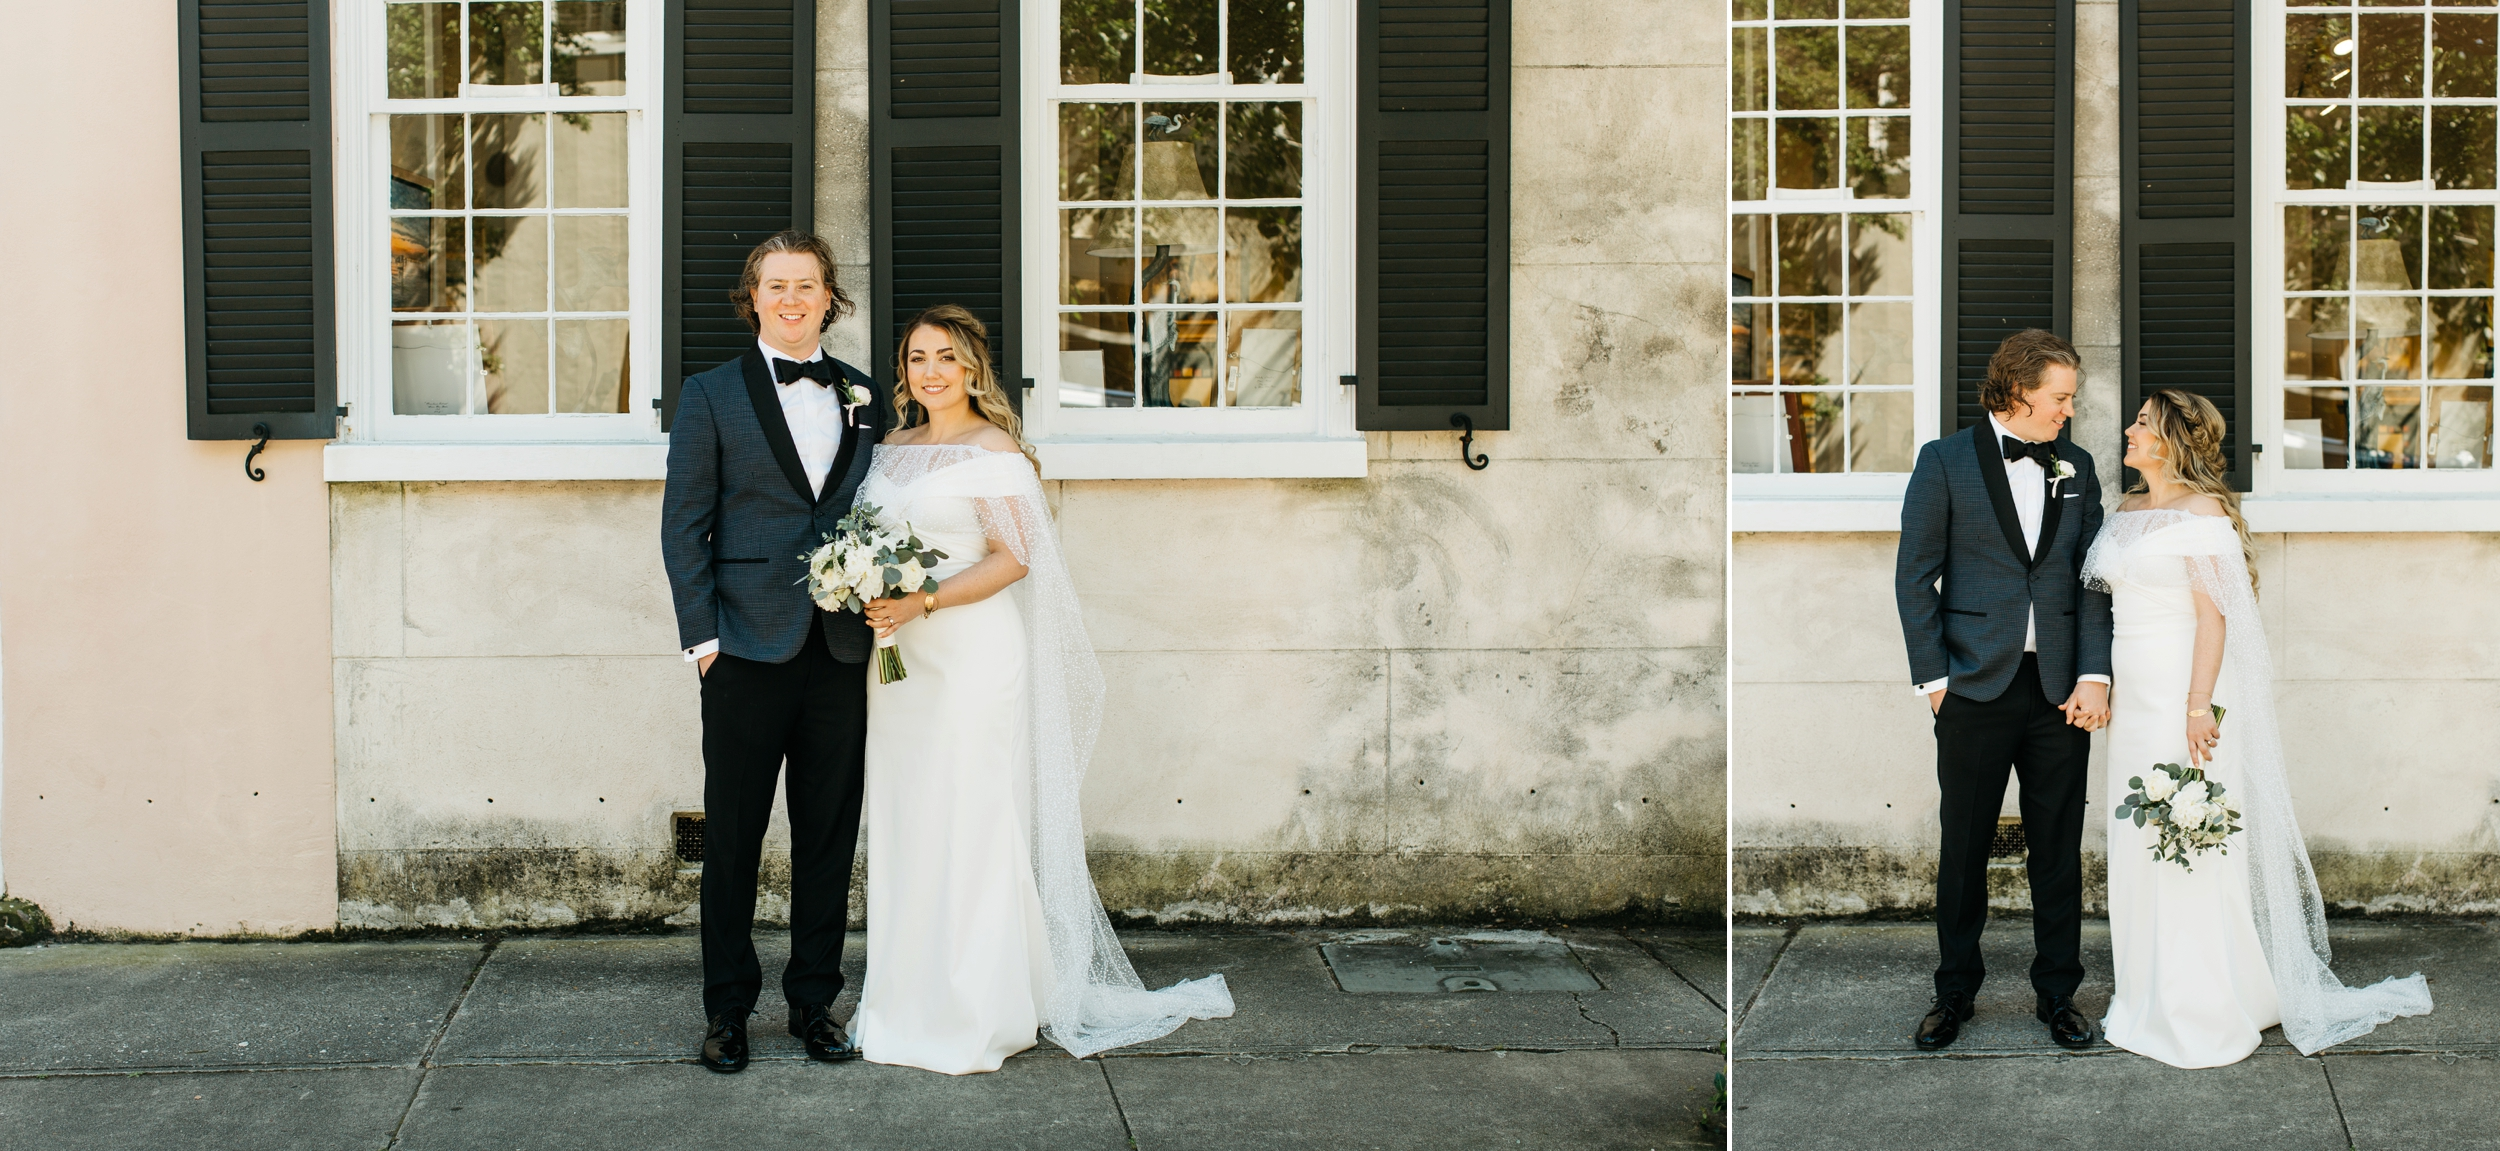 CannonGreenWedding-CharlestonWeddingPhotographer_0008.jpg